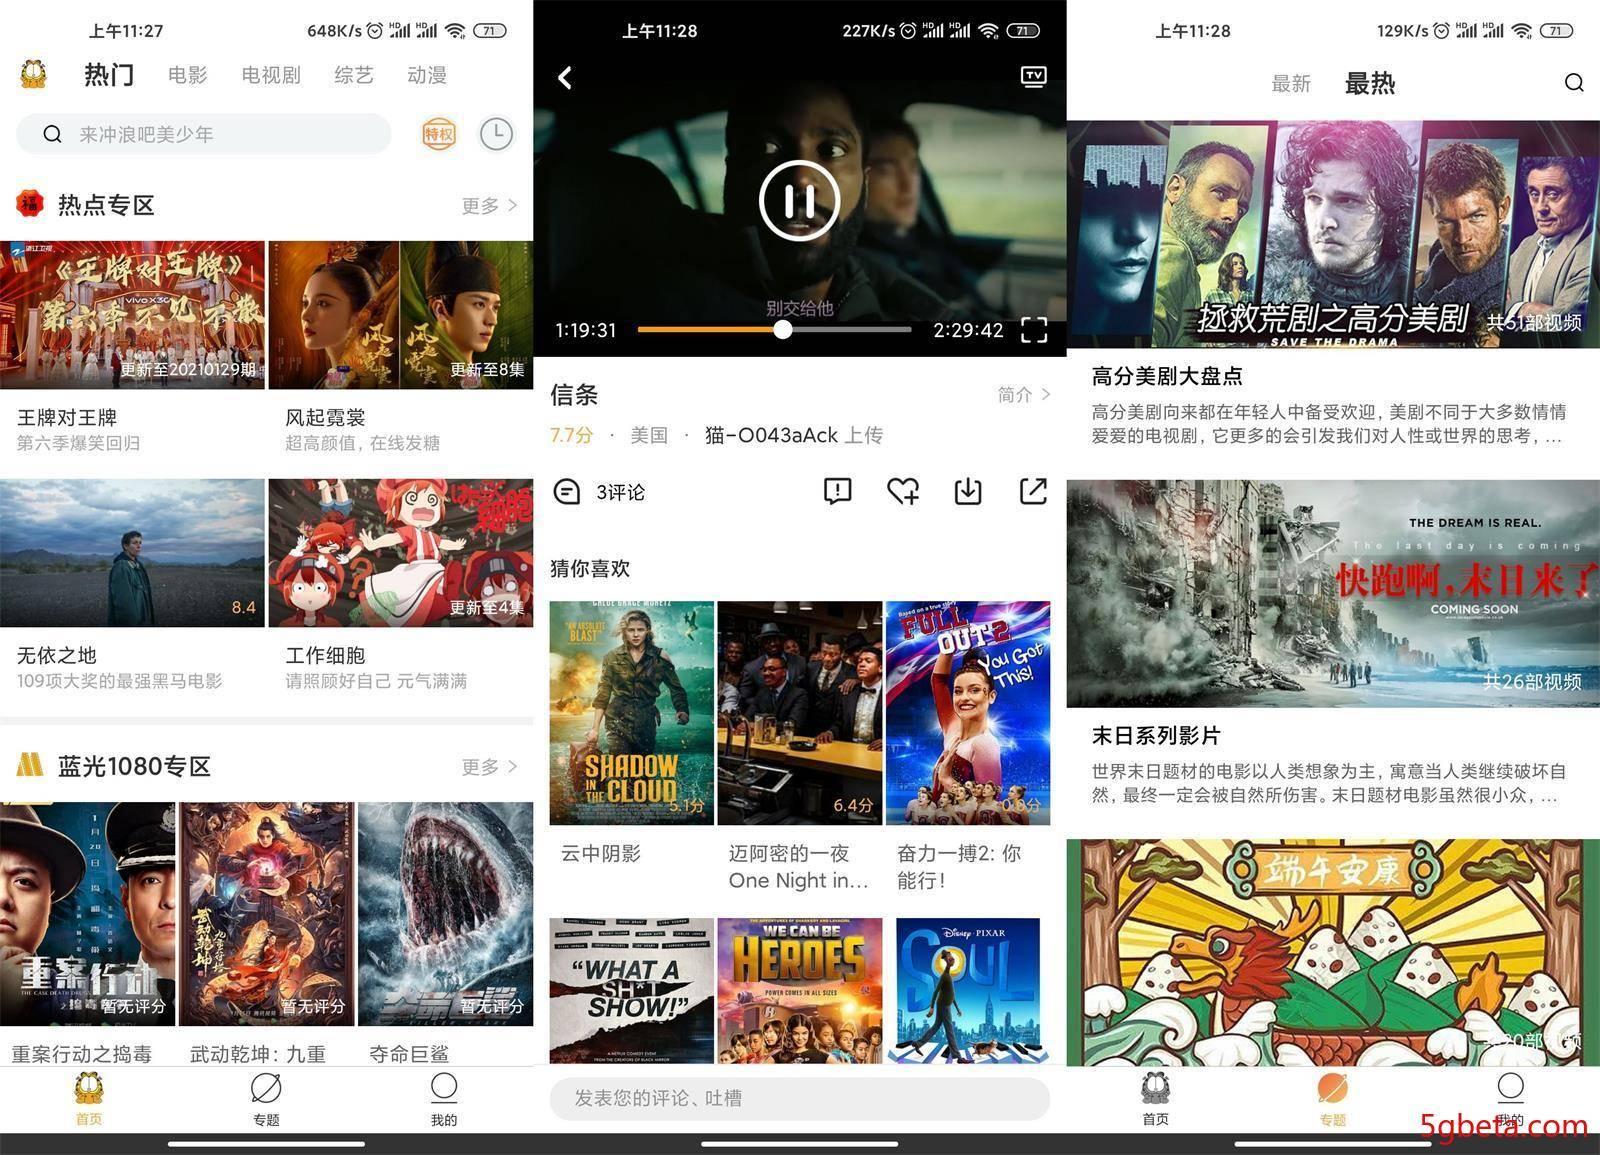 安卓加菲猫影视v1.5.4绿化版 | 破解VIP、去广告